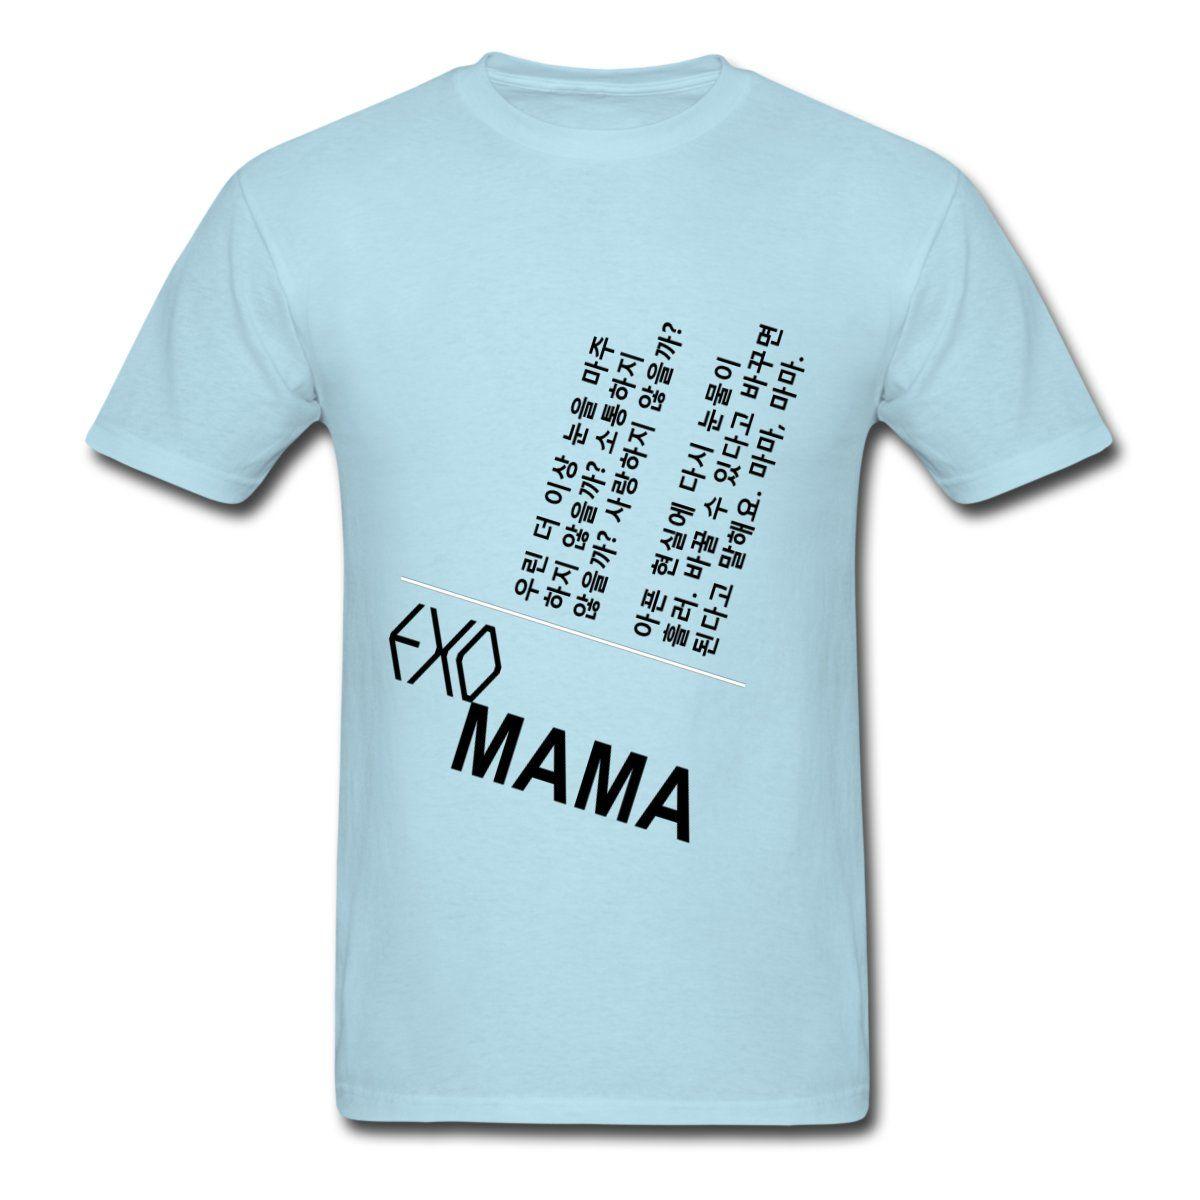 Exo Mama Chorus Lyrics Mens T Shirt White Pinterest Designers